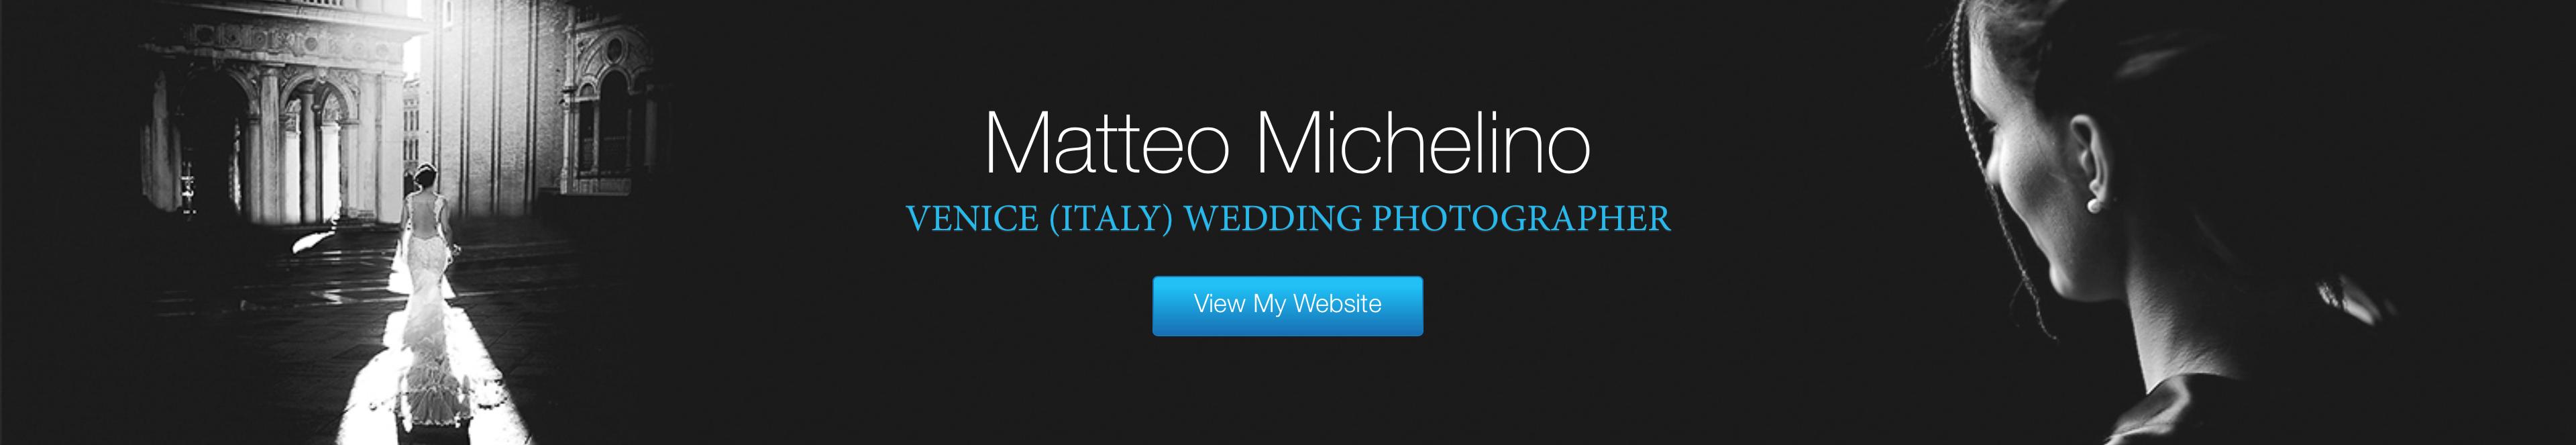 Matteo Michelino: Fotografo Professionista membro ISPWP . Il Blog di Michelino Studio, Fotografo di matrimonio in Veneto.